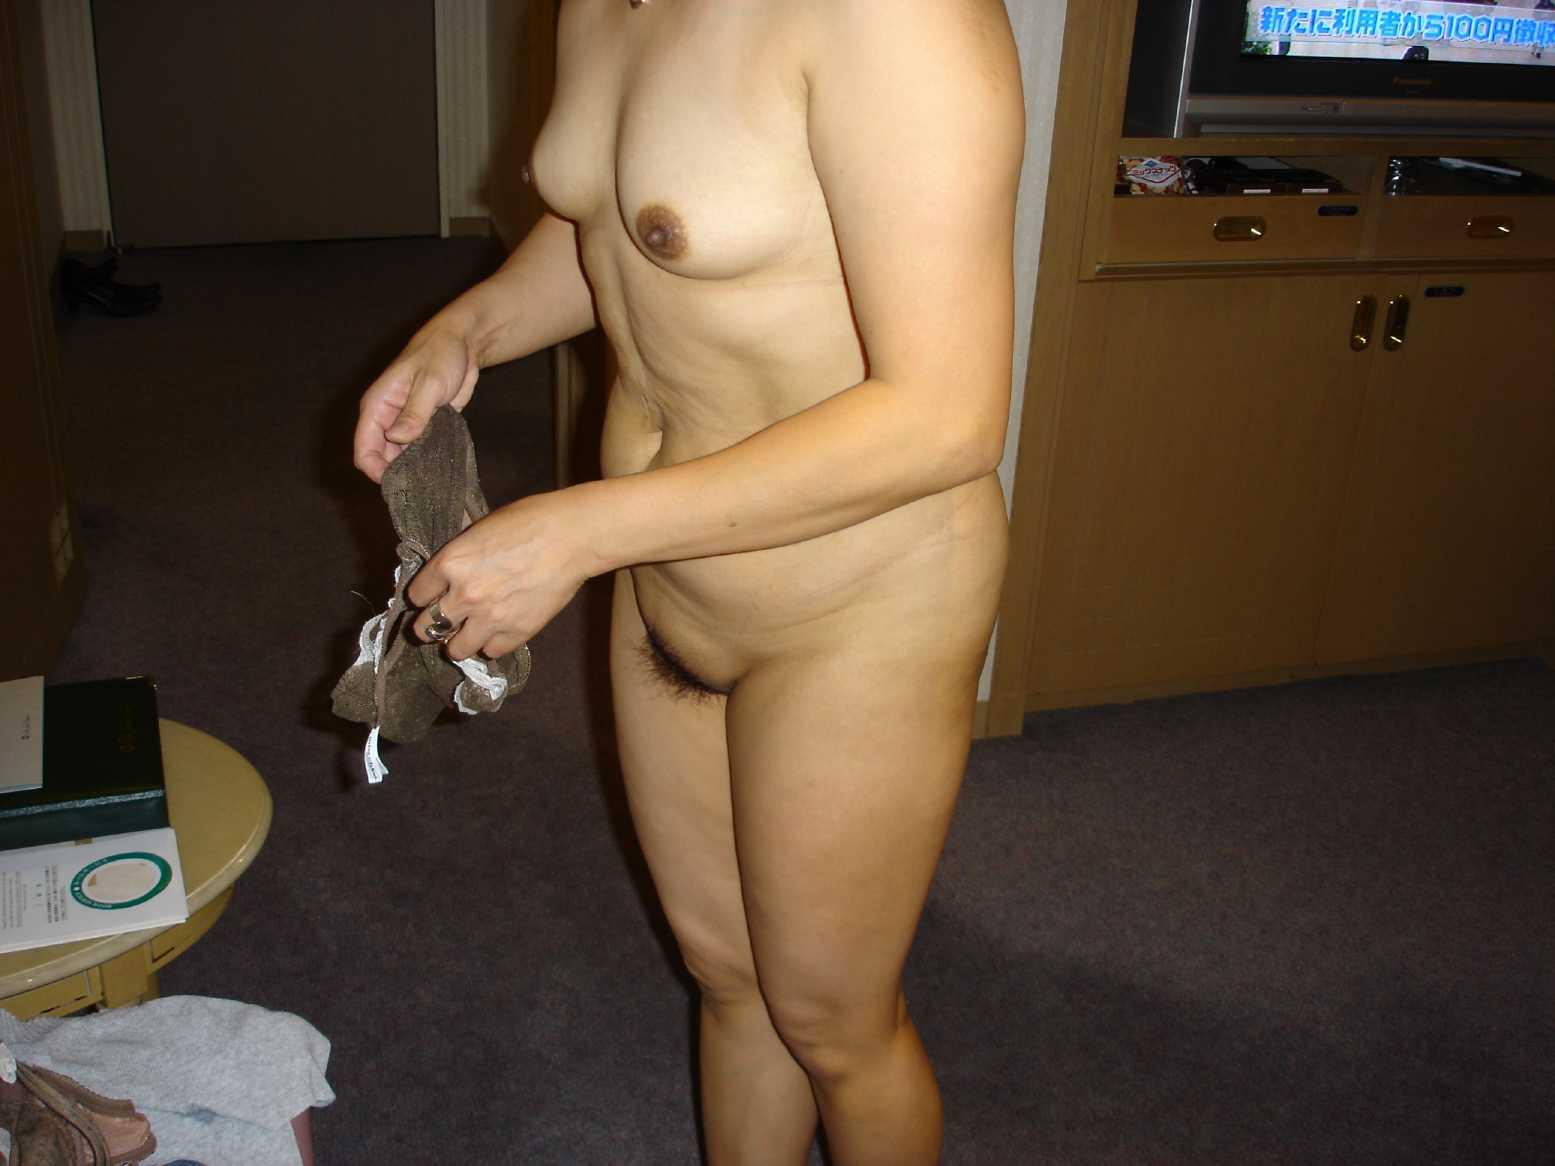 熟女の崩れた裸体ってホントえっちだよなぁーwww50代ポッチャリ系おばさんのエロ画像 1120